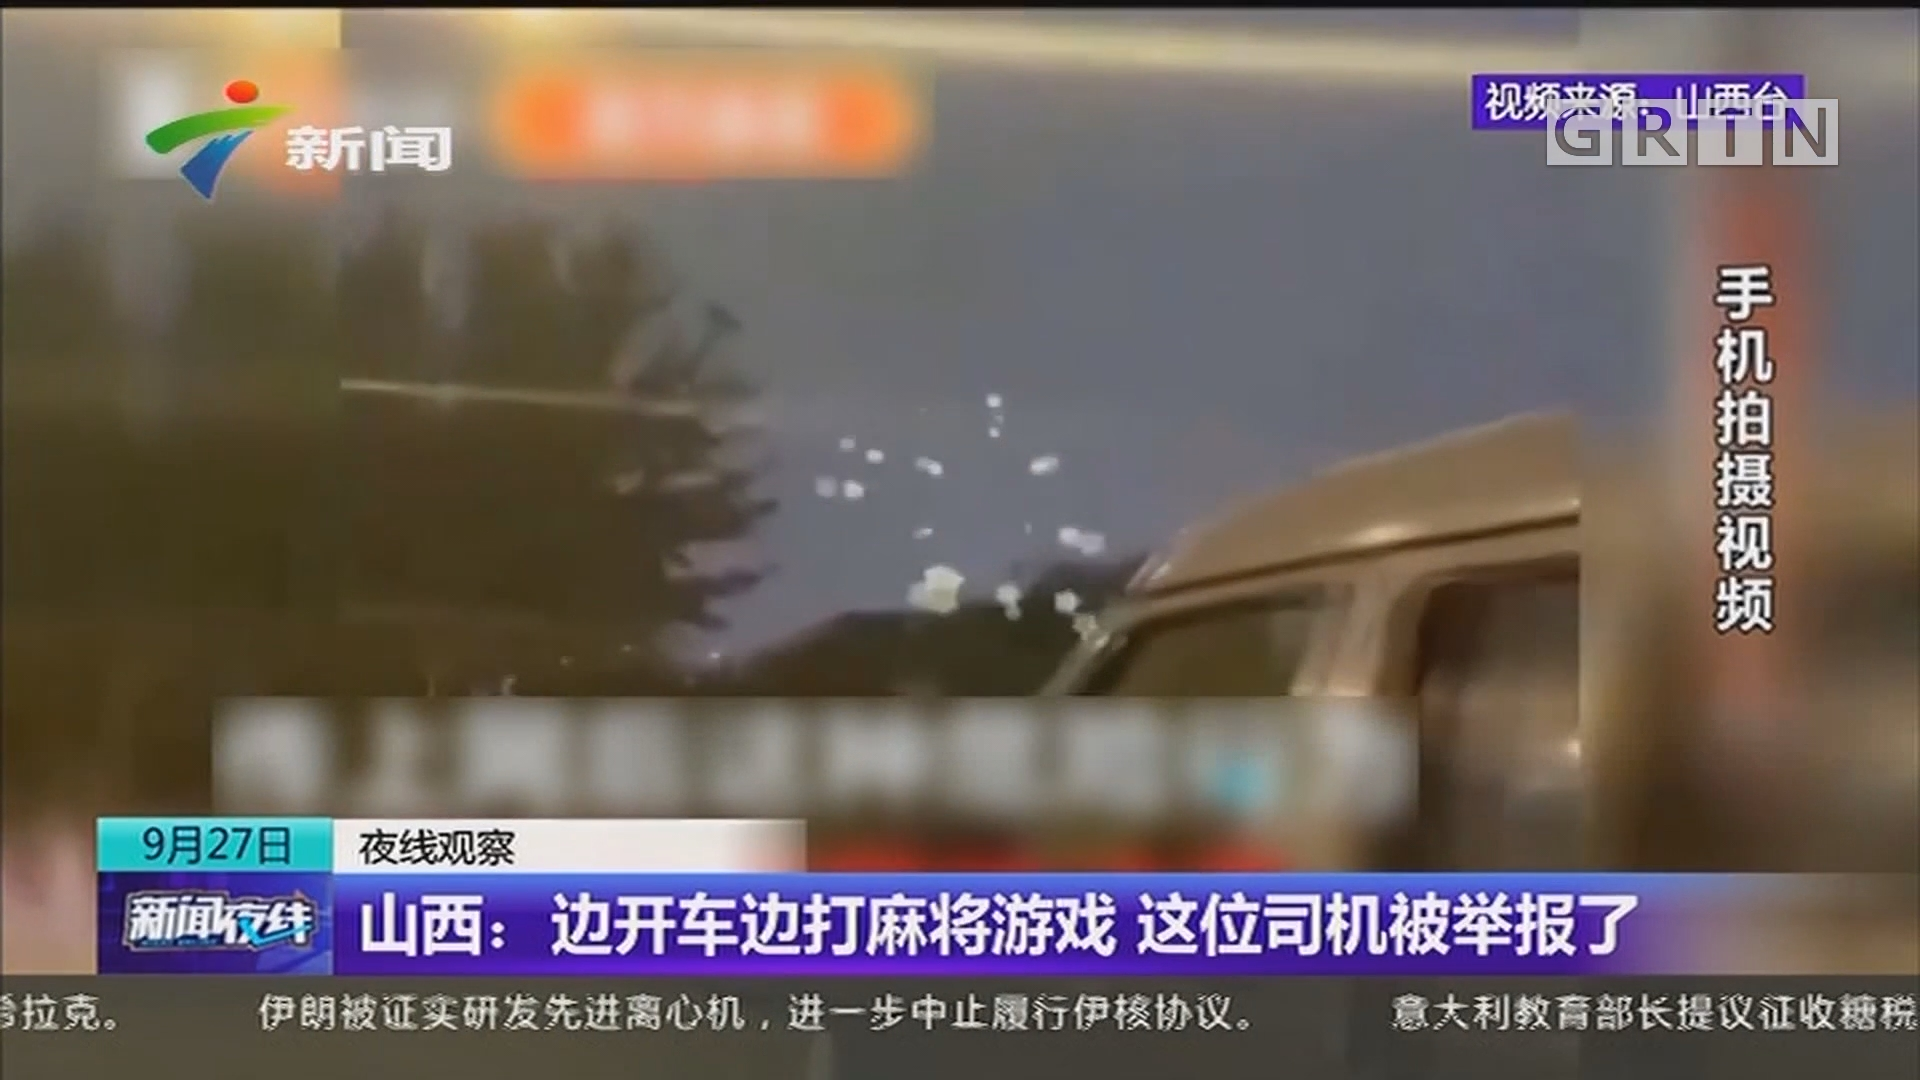 山西:边开车边打麻将游戏 这位司机被举报了